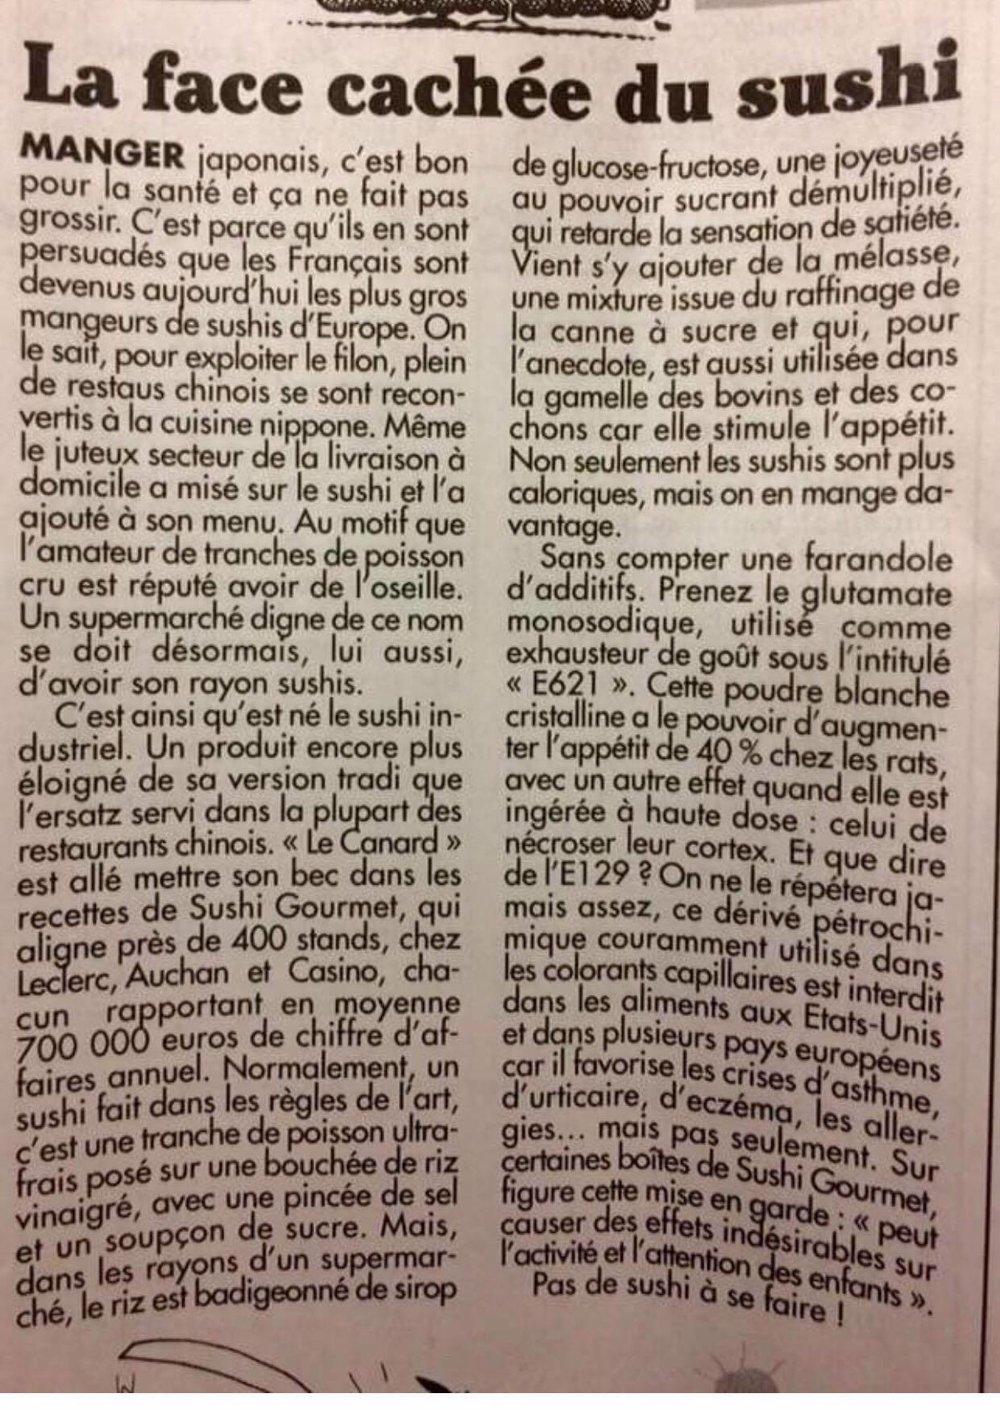 Article paru dans le Canard enchaîné le mercredi 20/09/2017